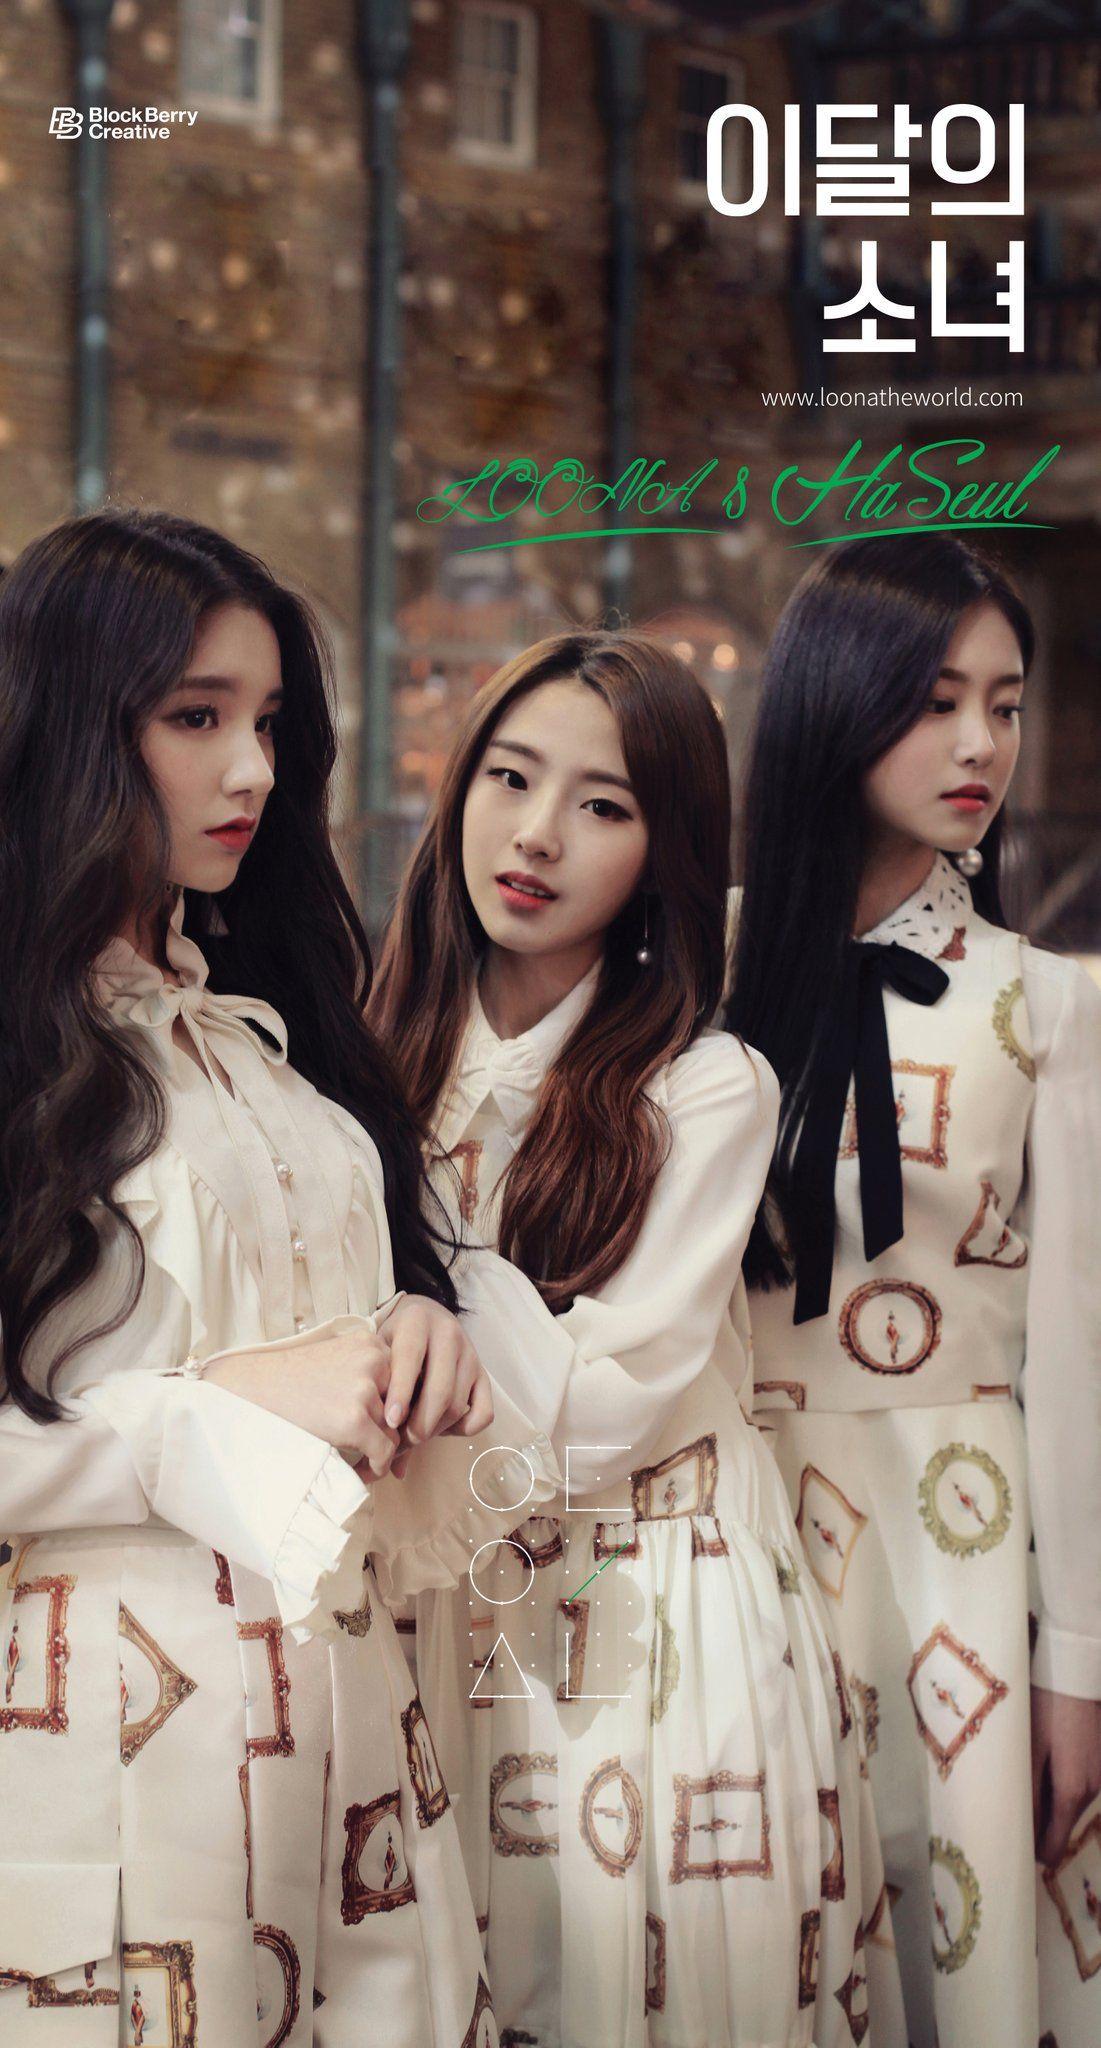 heejin + hyunjin + haseul ♡ 161210 ⇉ the carol | LOONA